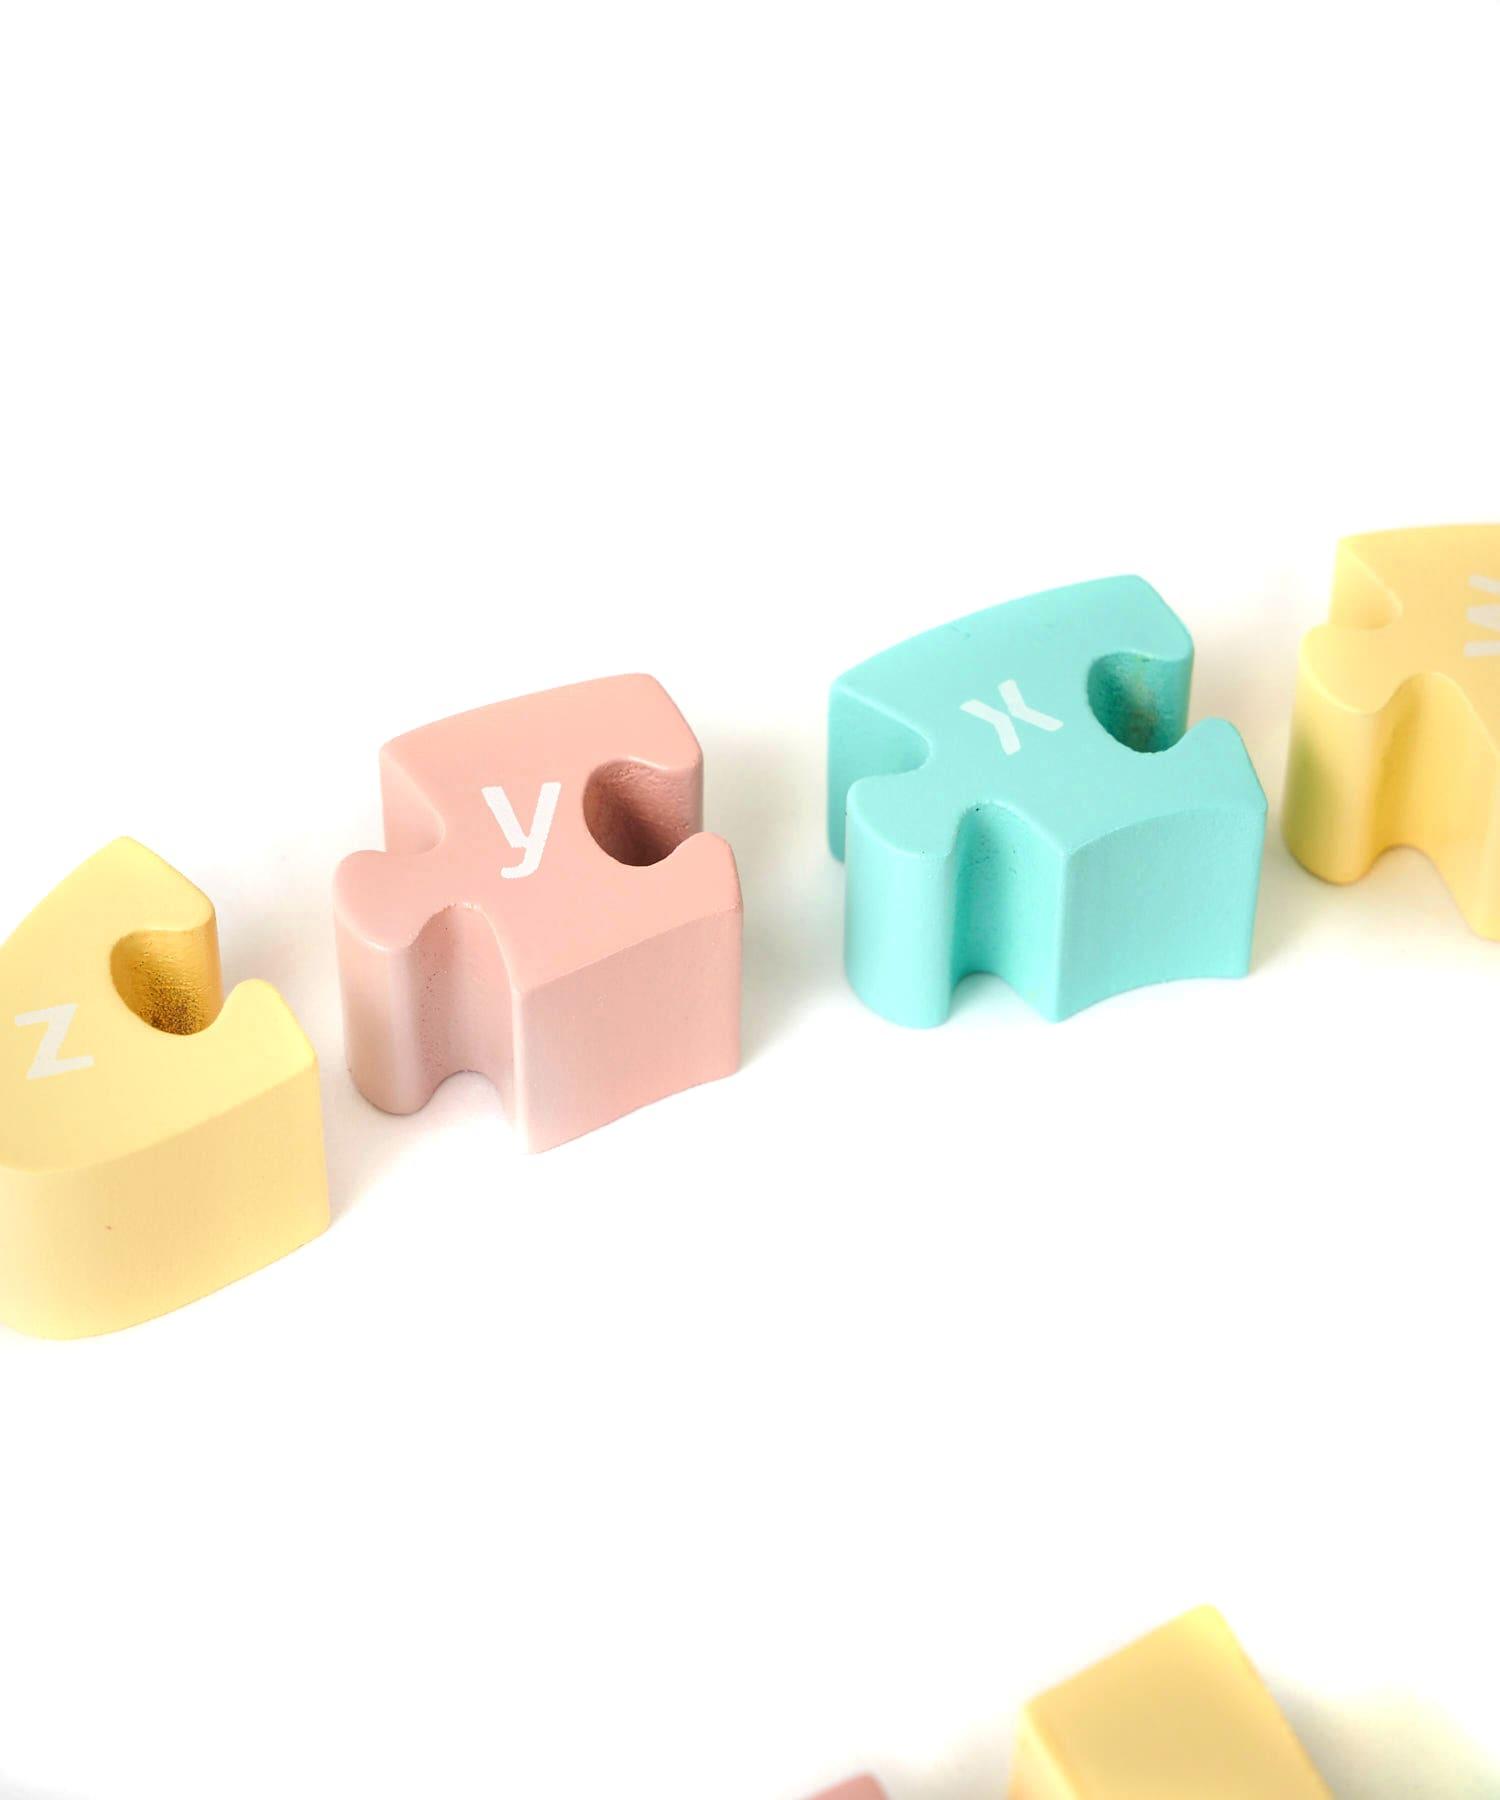 3COINS(スリーコインズ) 【楽しく学ぼう】ドッグパズル